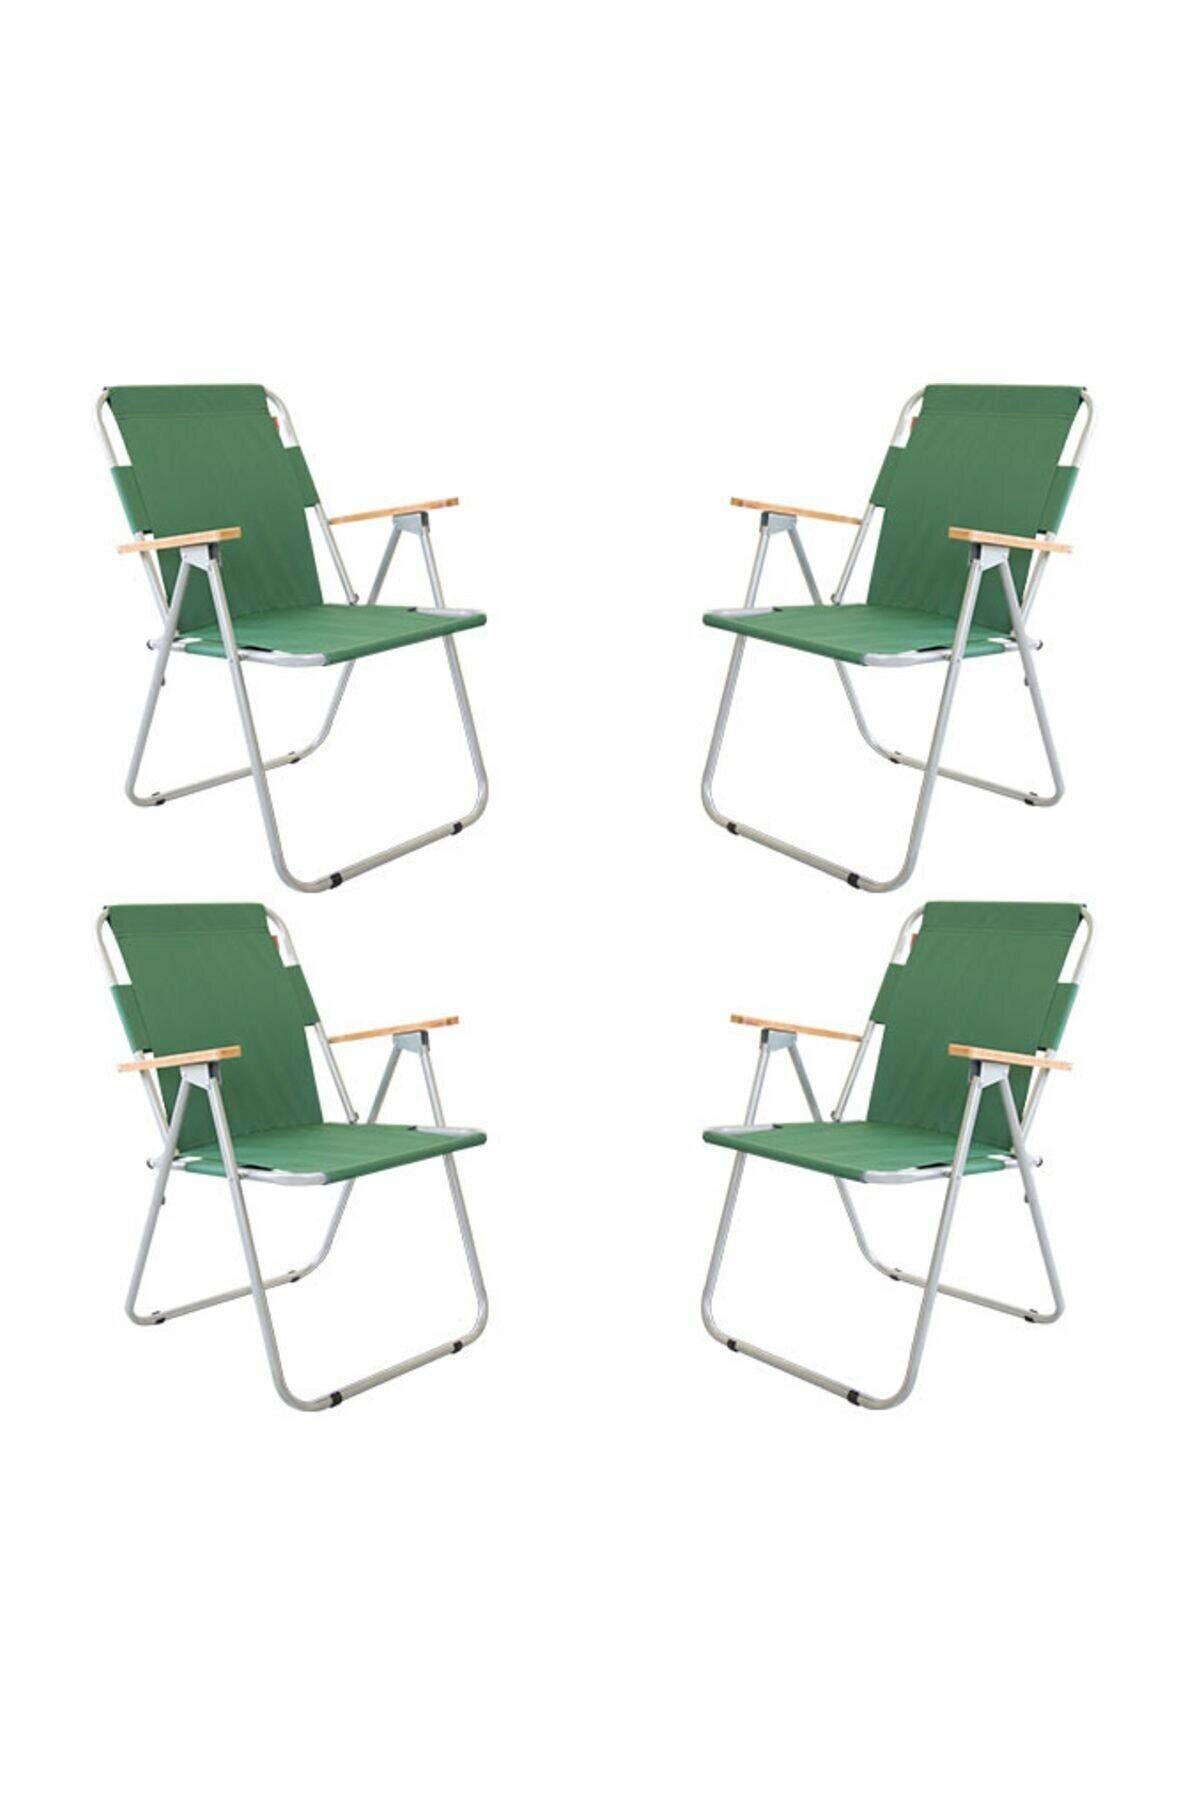 Bofigo 4 Adet Katlanır Sandalye Kamp Sandalyesi Balkon Sandalyesi Katlanabilir Piknik ve Bahçe Sandalyesi Yeşil